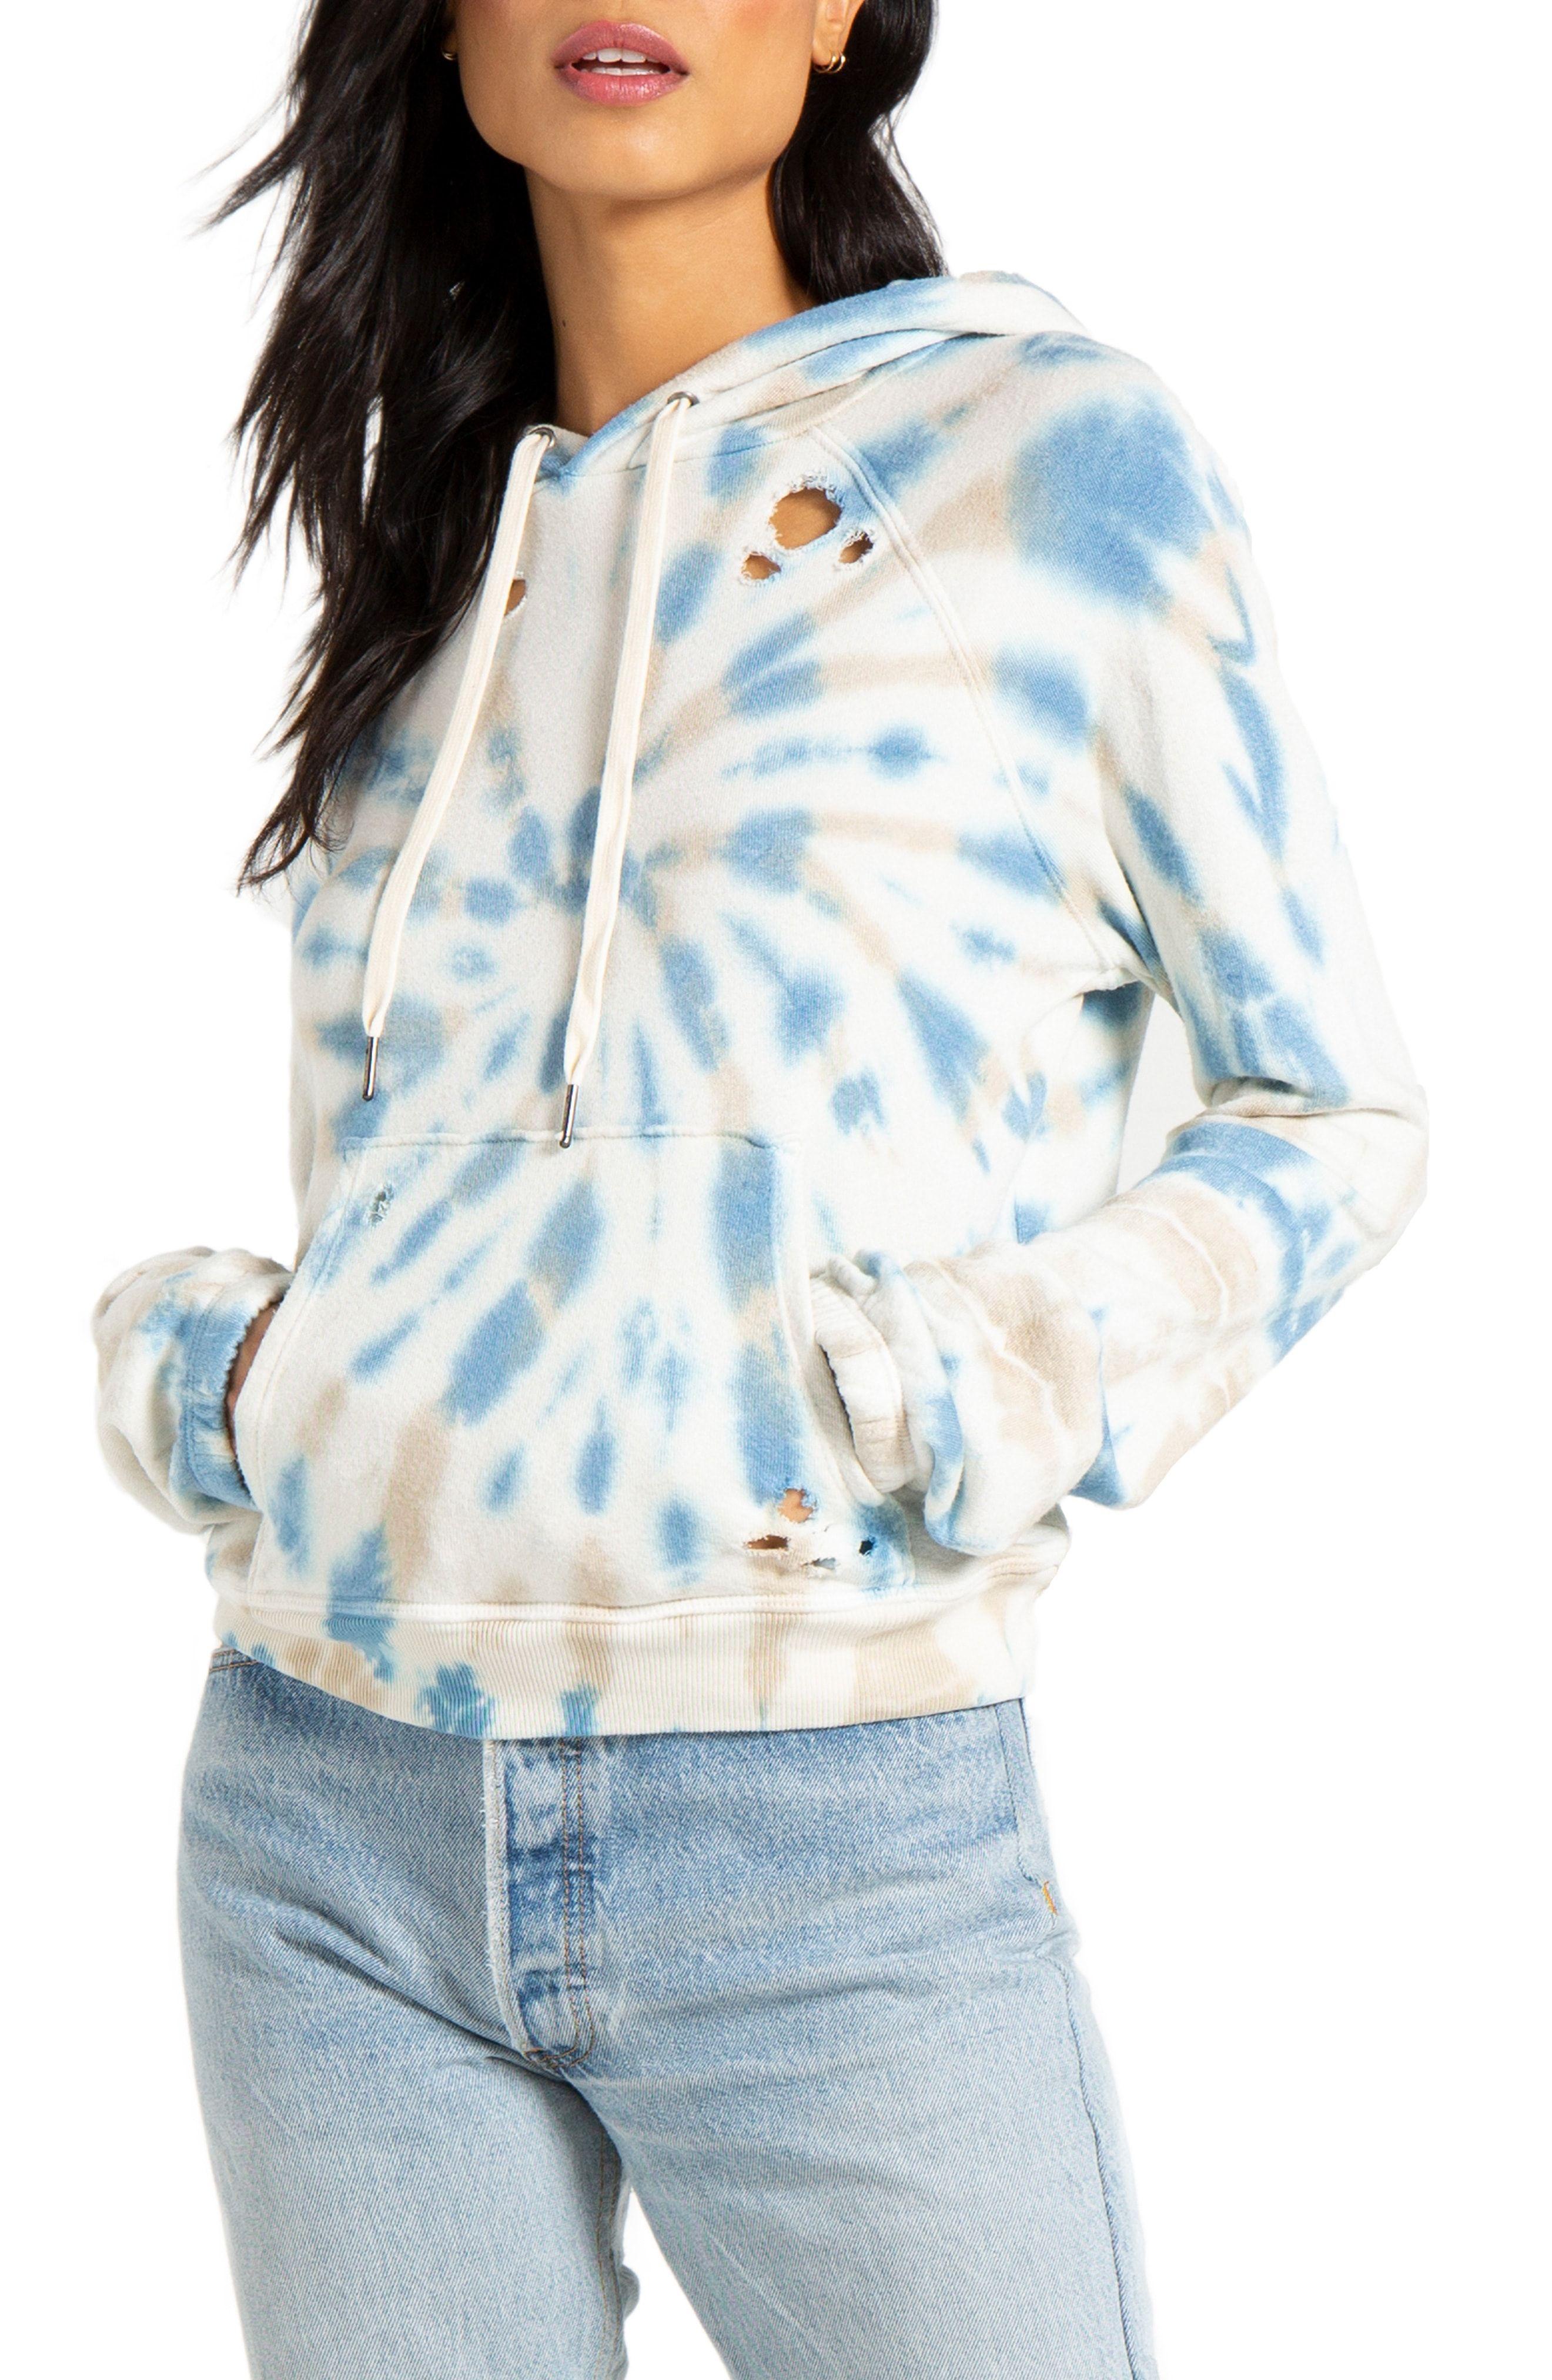 N Philanthropy Gamble Tie Dye Hoodie Available At Nordstrom Tie Dye Tie Dye Hoodie Sweatshirts Women [ 4048 x 2640 Pixel ]